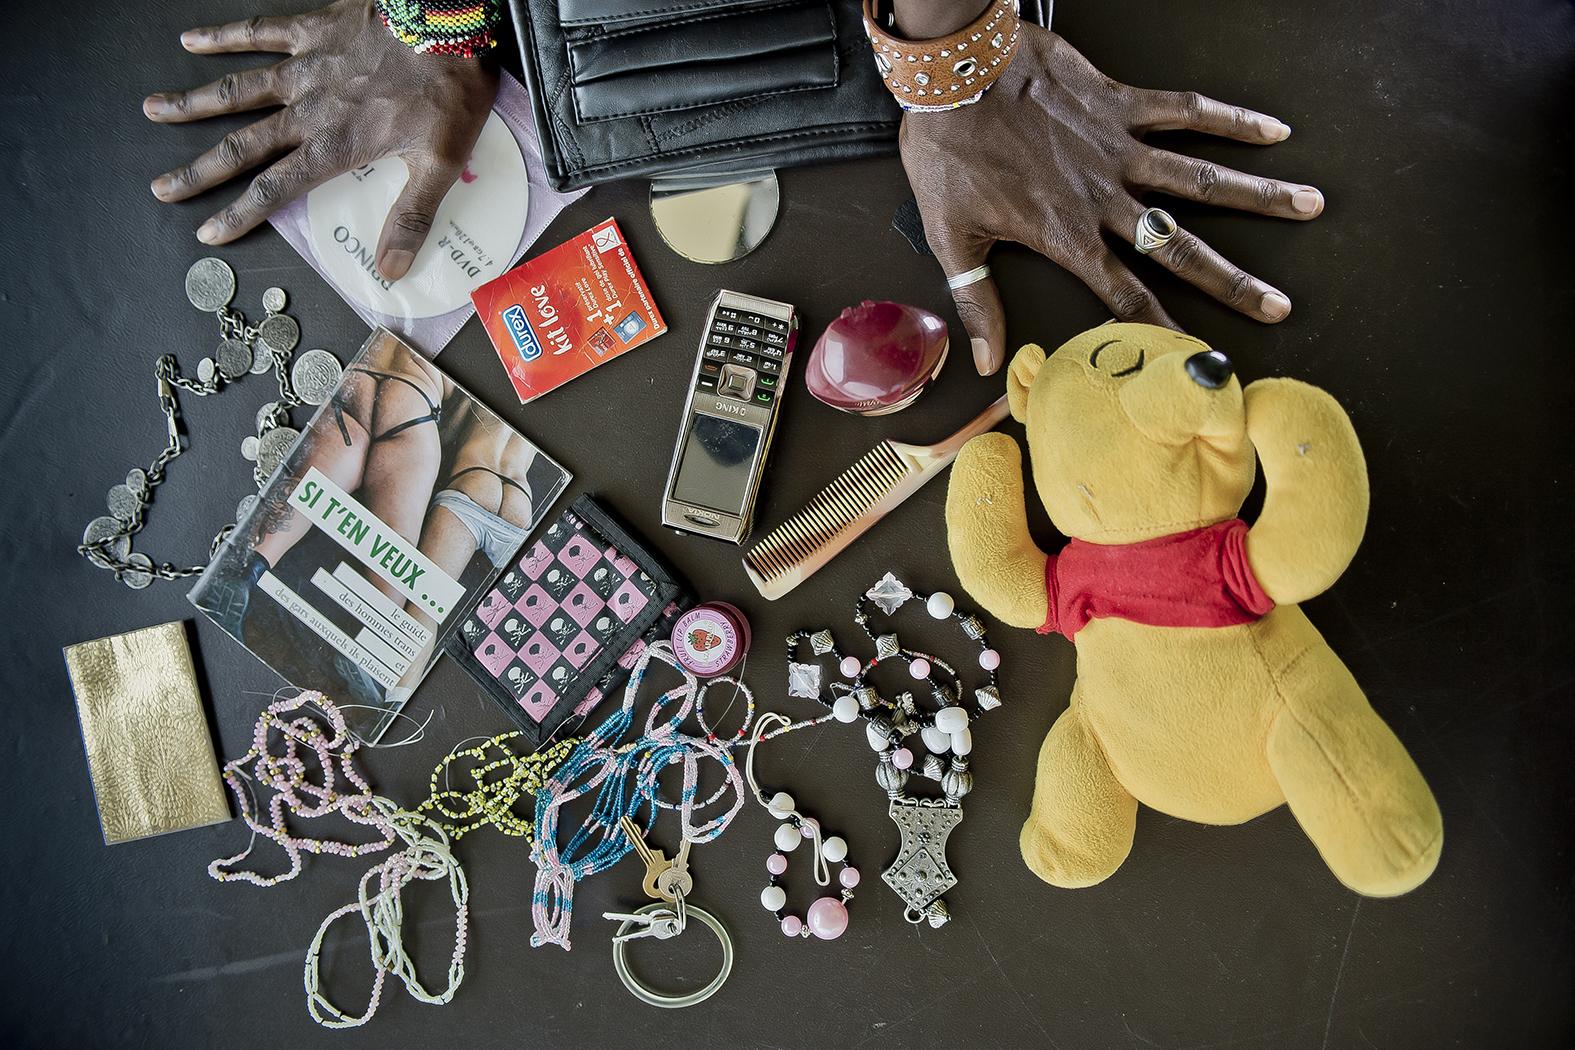 Le sac de Aimé, jeune gay plein de ressources. Petit commerçant, il notamment achète des fripes à l'étranger et les revends au Burundi.